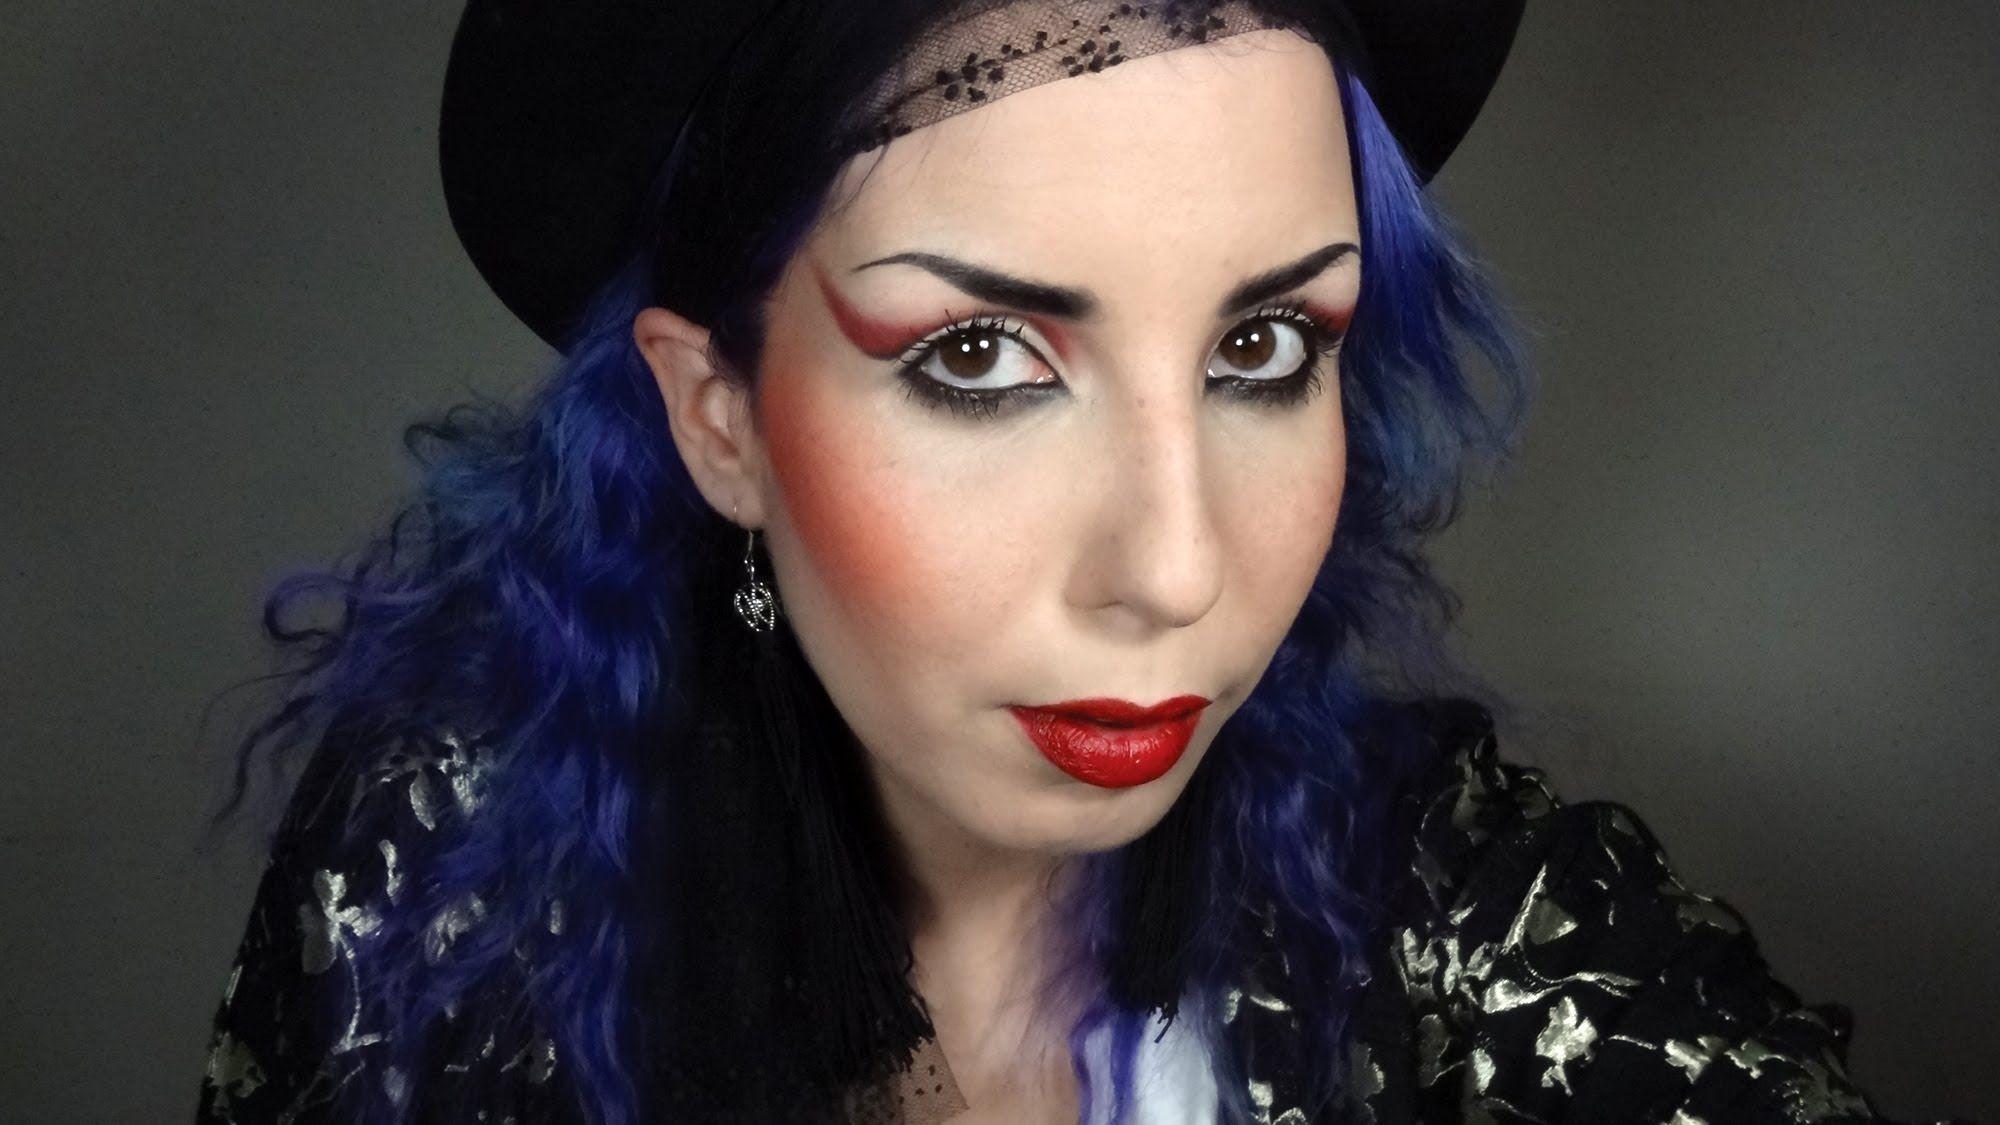 80's Boy Makeup Tutorial Photo makeup, Boy